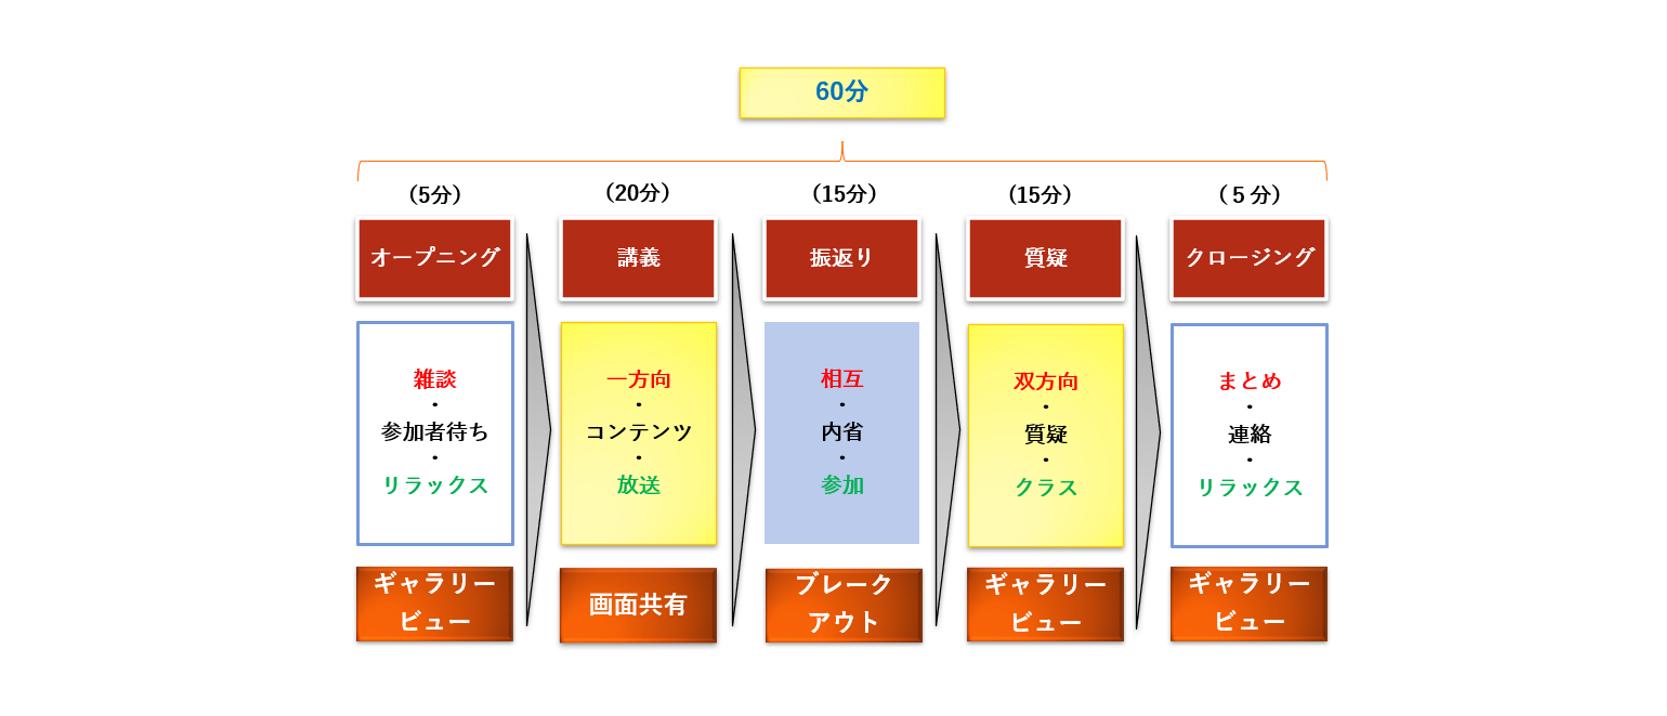 Web会議システム・ワークショップ・スケジュール具体例